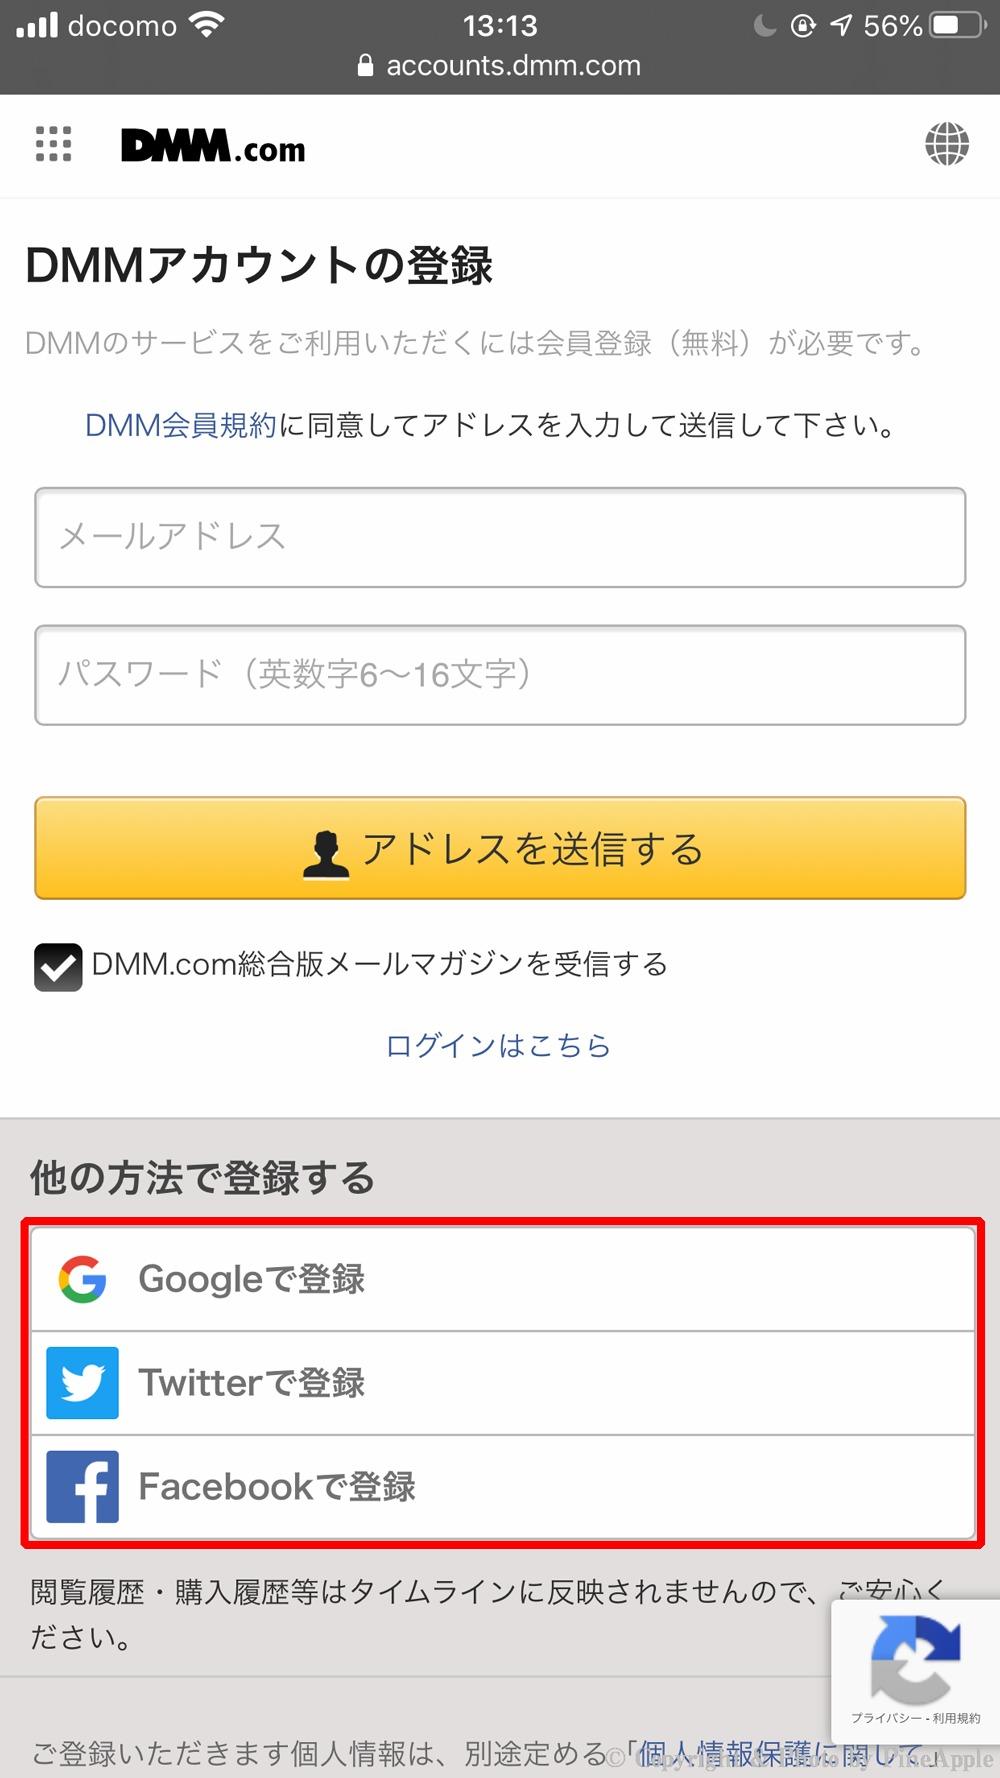 DMM アカウント:「Google  で登録」、「Twitter で登録」、「Facebook で登録」